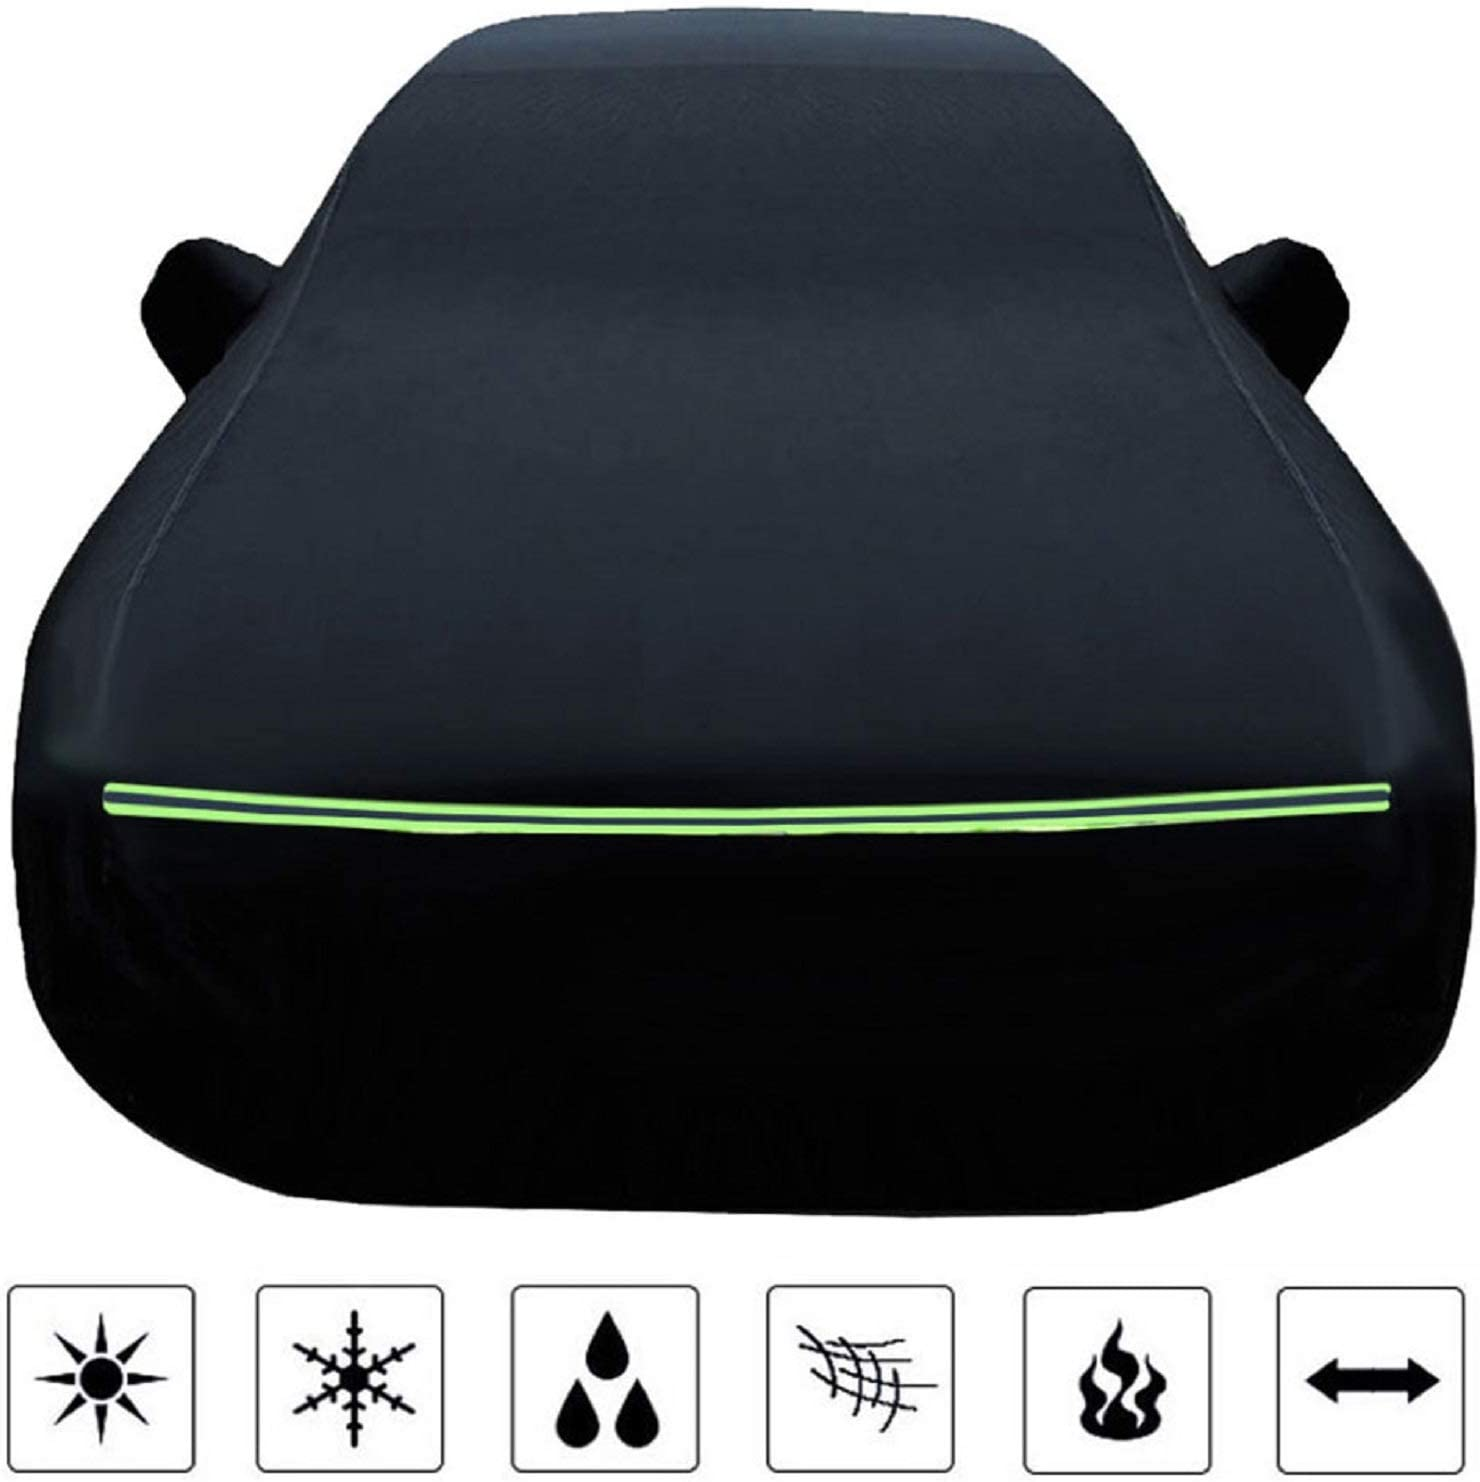 Color : Black, Size : M2 N/&A Black Car Cover Compatible with BMW M,M2,M235,M235 Gran Coupe,M240,M3,M340,M4,M5,M550,M6,M6 Gran Coupe,M760,M8,M8 Gran Coupe,M850,M850 Gran Coupe